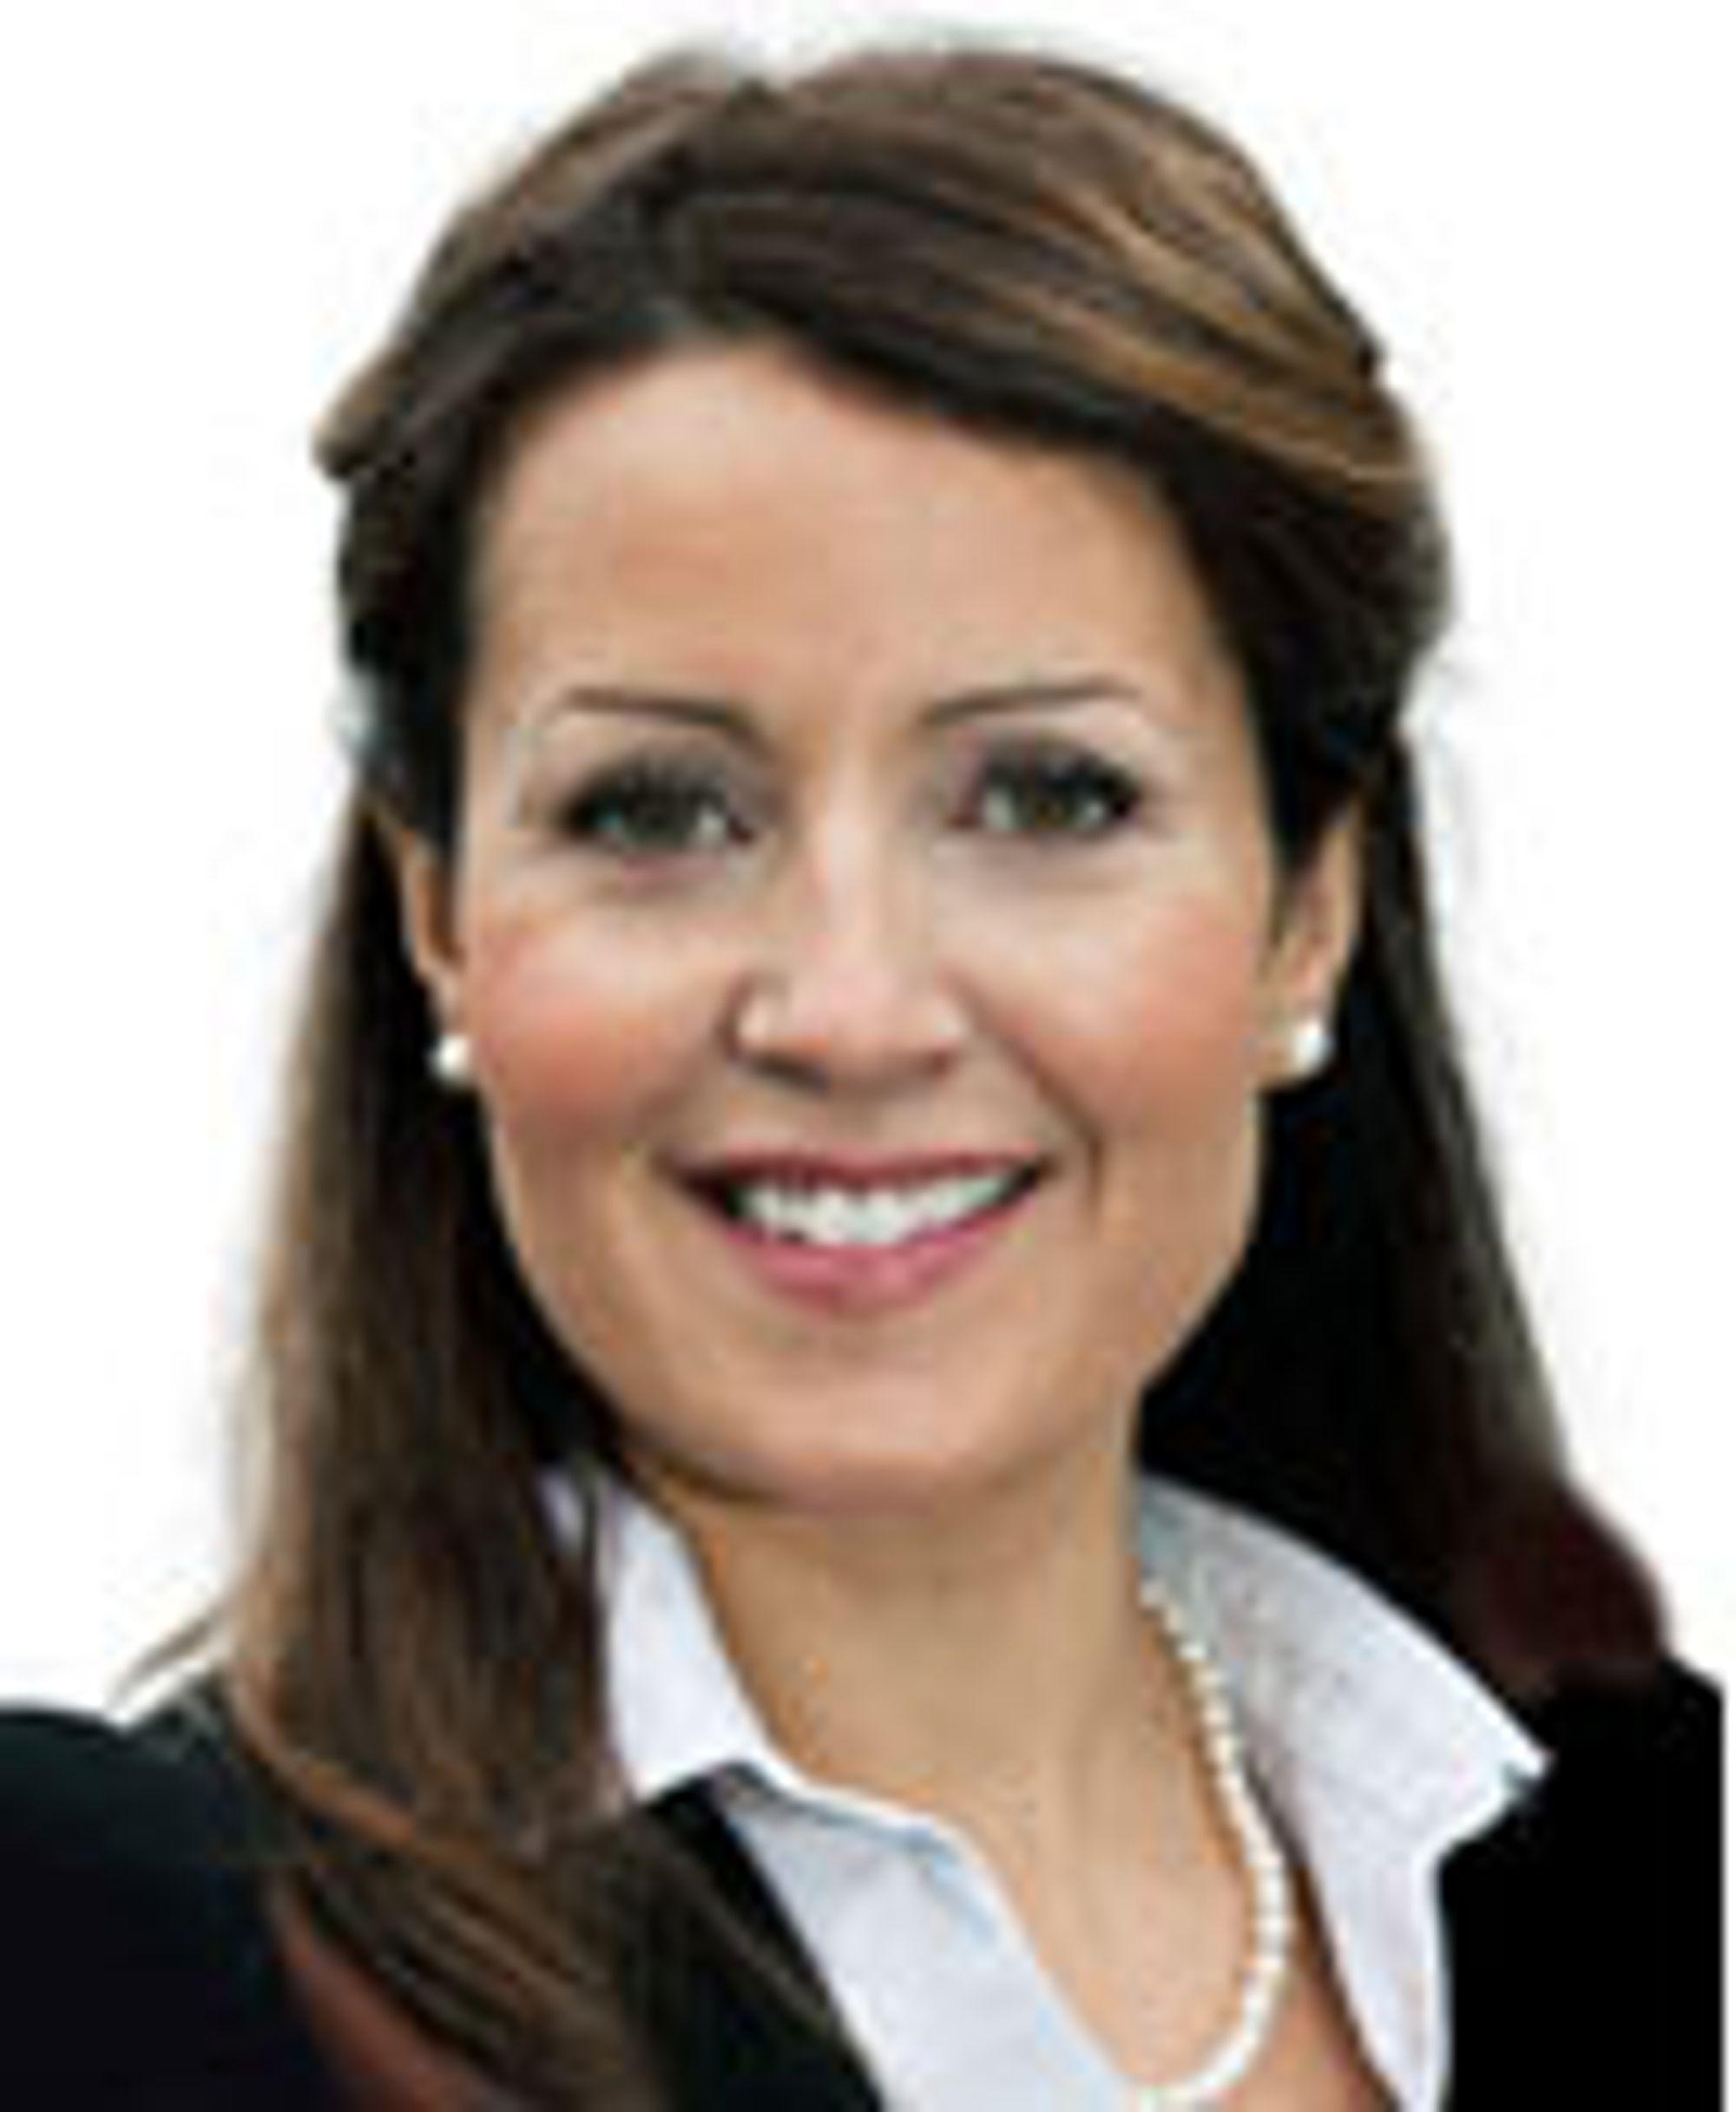 Bekrefter kutt: Graciella Garmann er direktør for marked og kommunikasjon i Logica Norge.